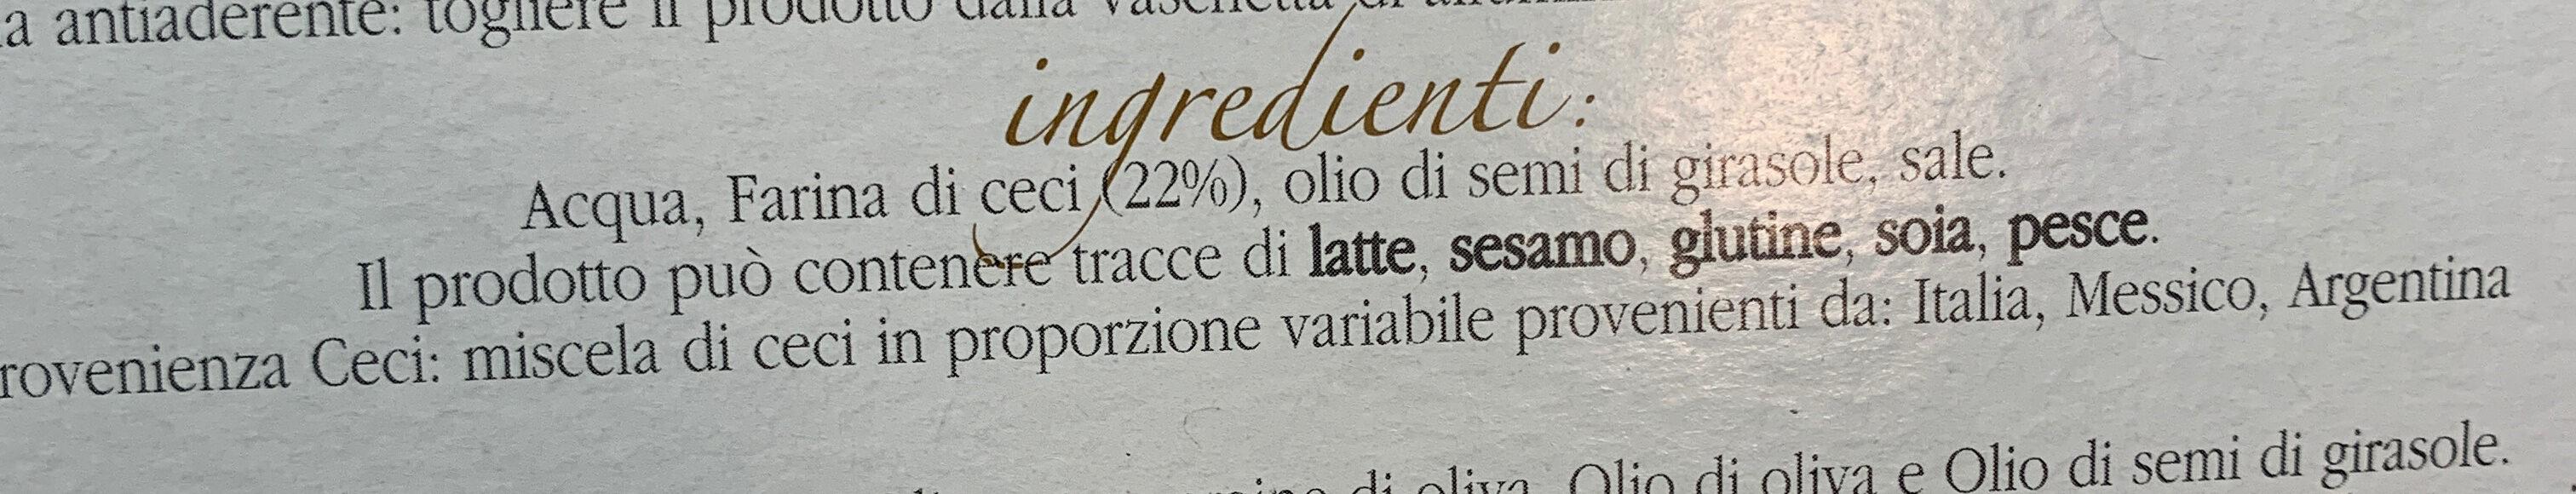 La farinata della spezia - Ingredients - it